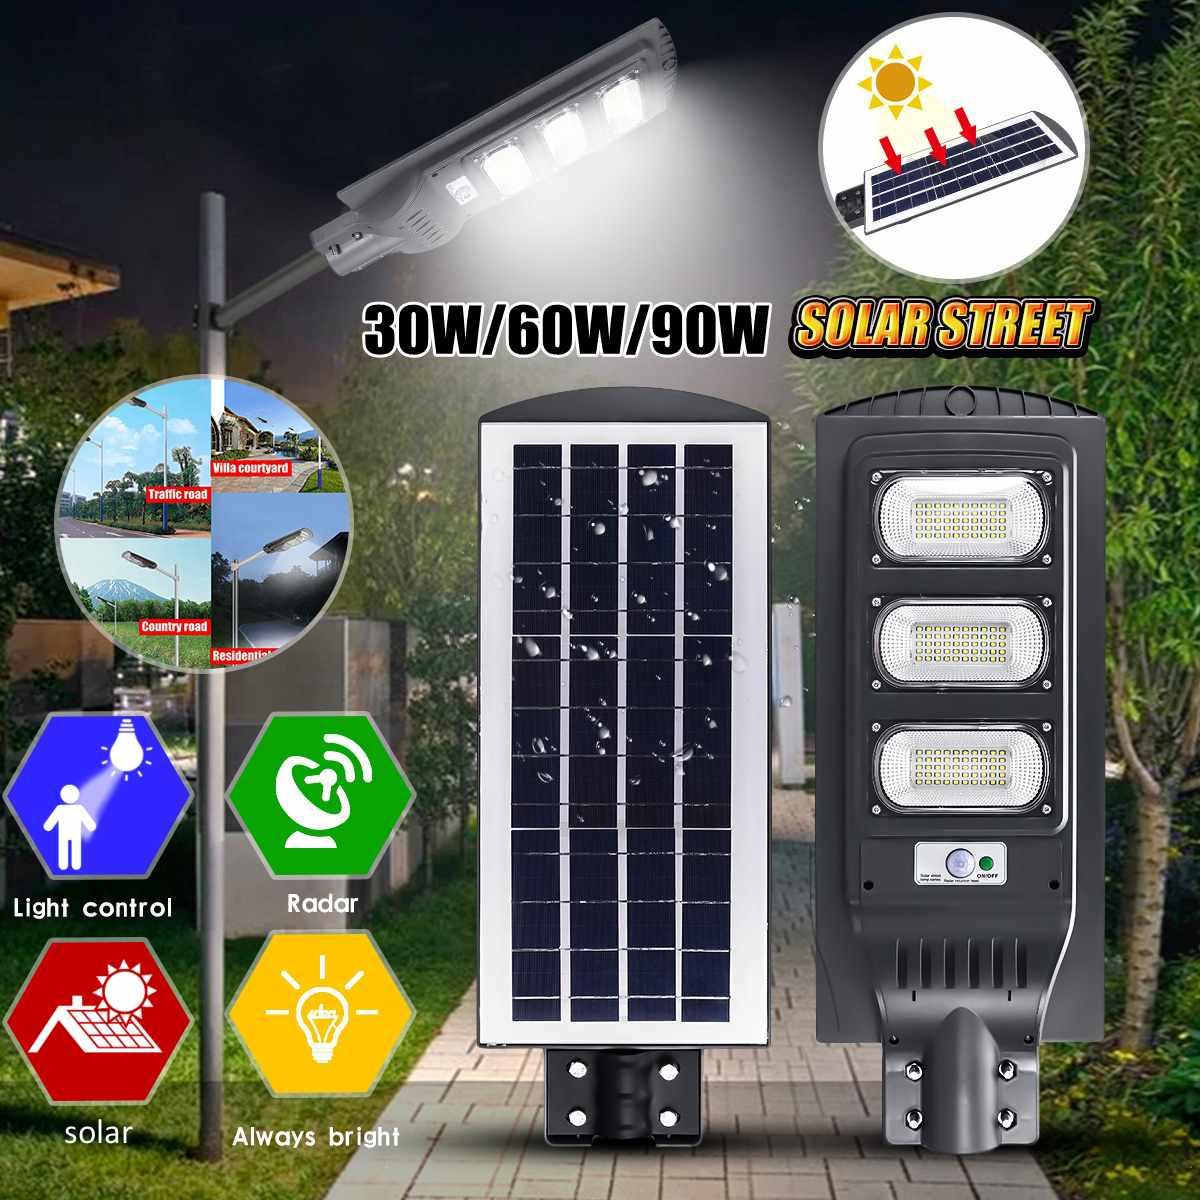 30 W/60 W/90 W LED PIR Solar Straße Licht Im Freien Wasserdichte IP65 Radar Sensor Licht Steuerung solar Powered Led Hof Straße Lampe